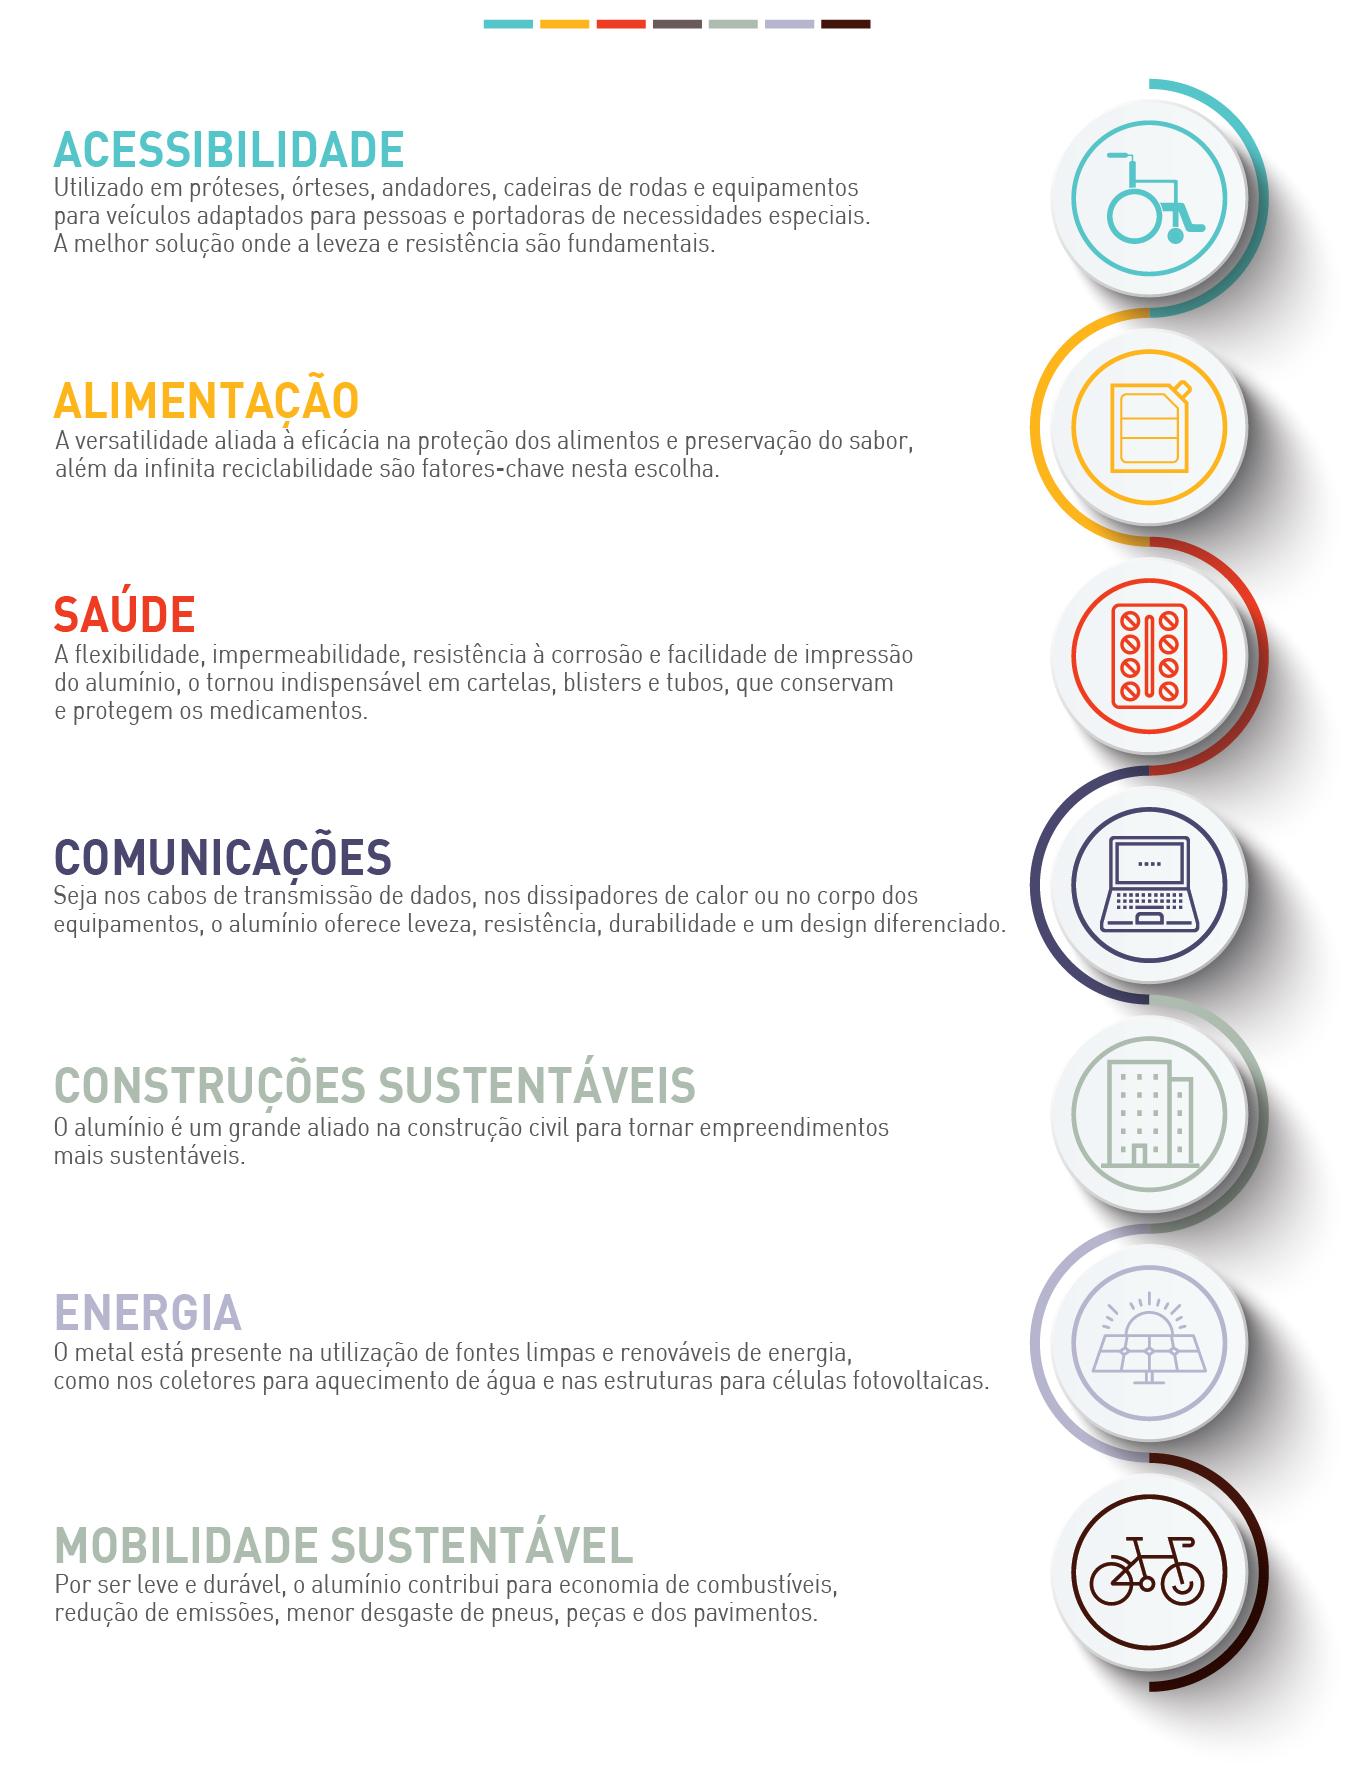 sustentabilidade-solucoes-sustentaveis